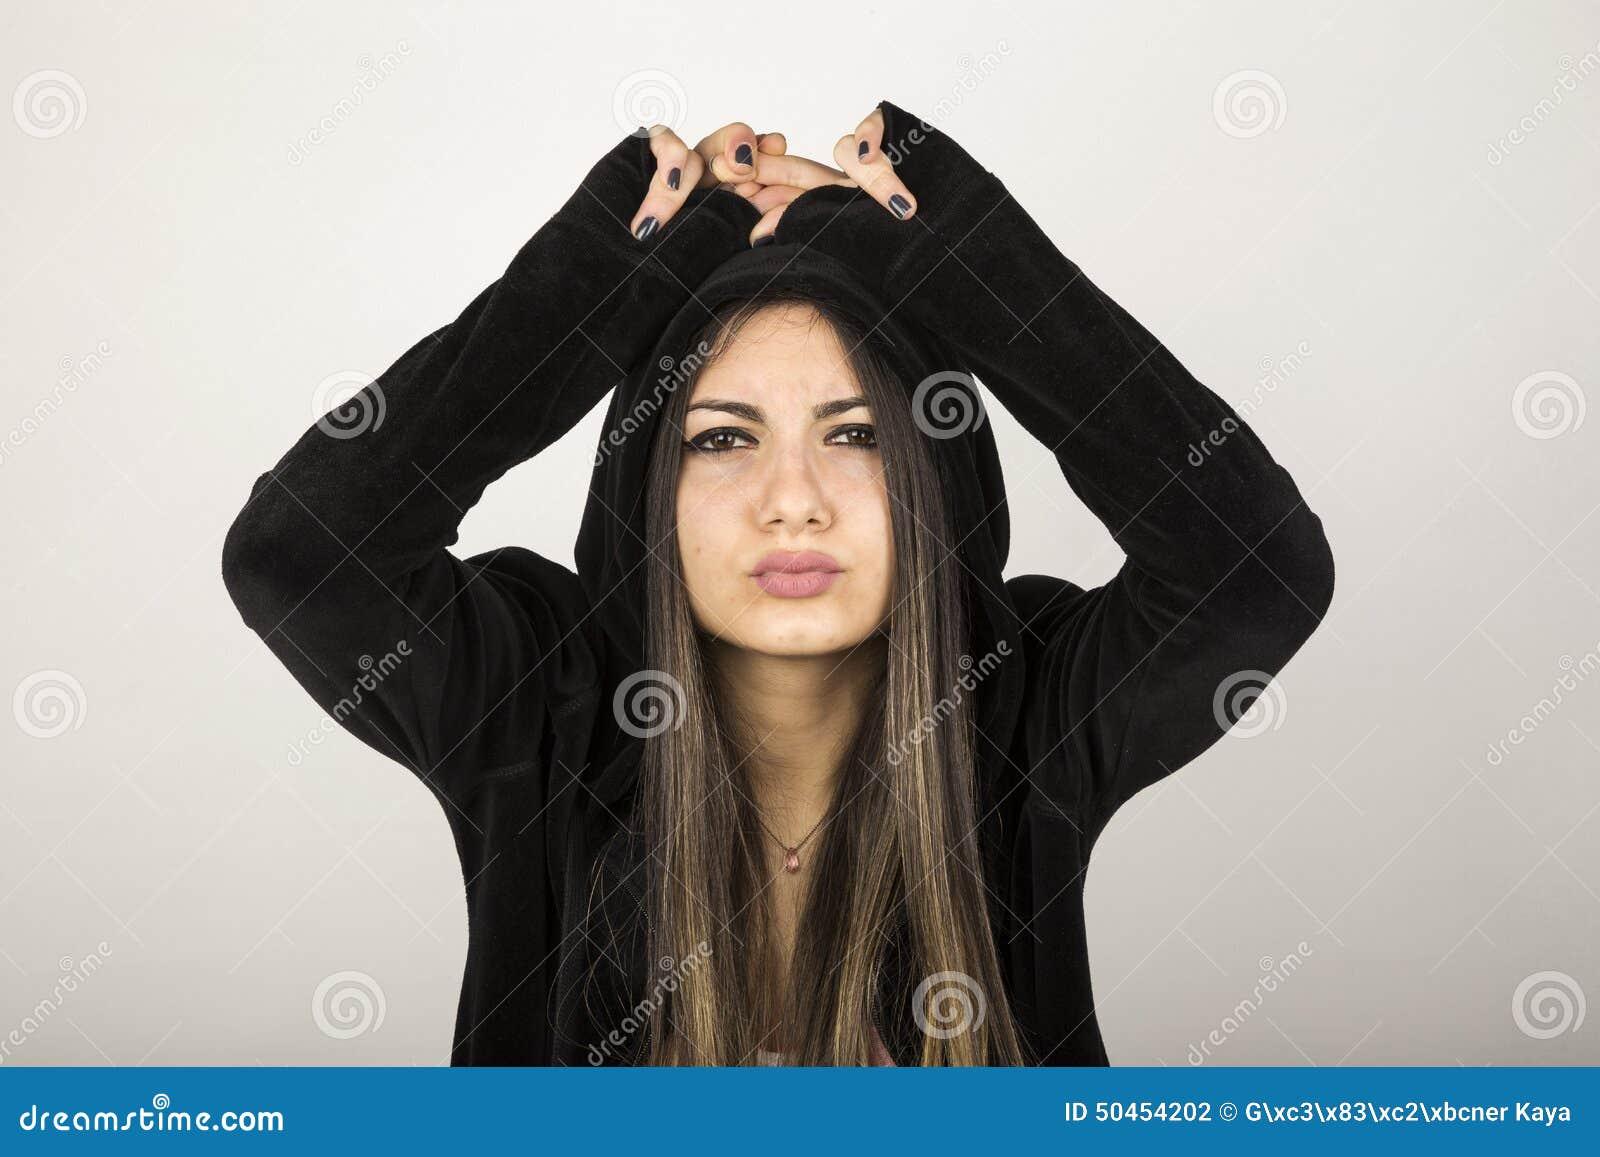 Chica joven con cardi encapuchado negro